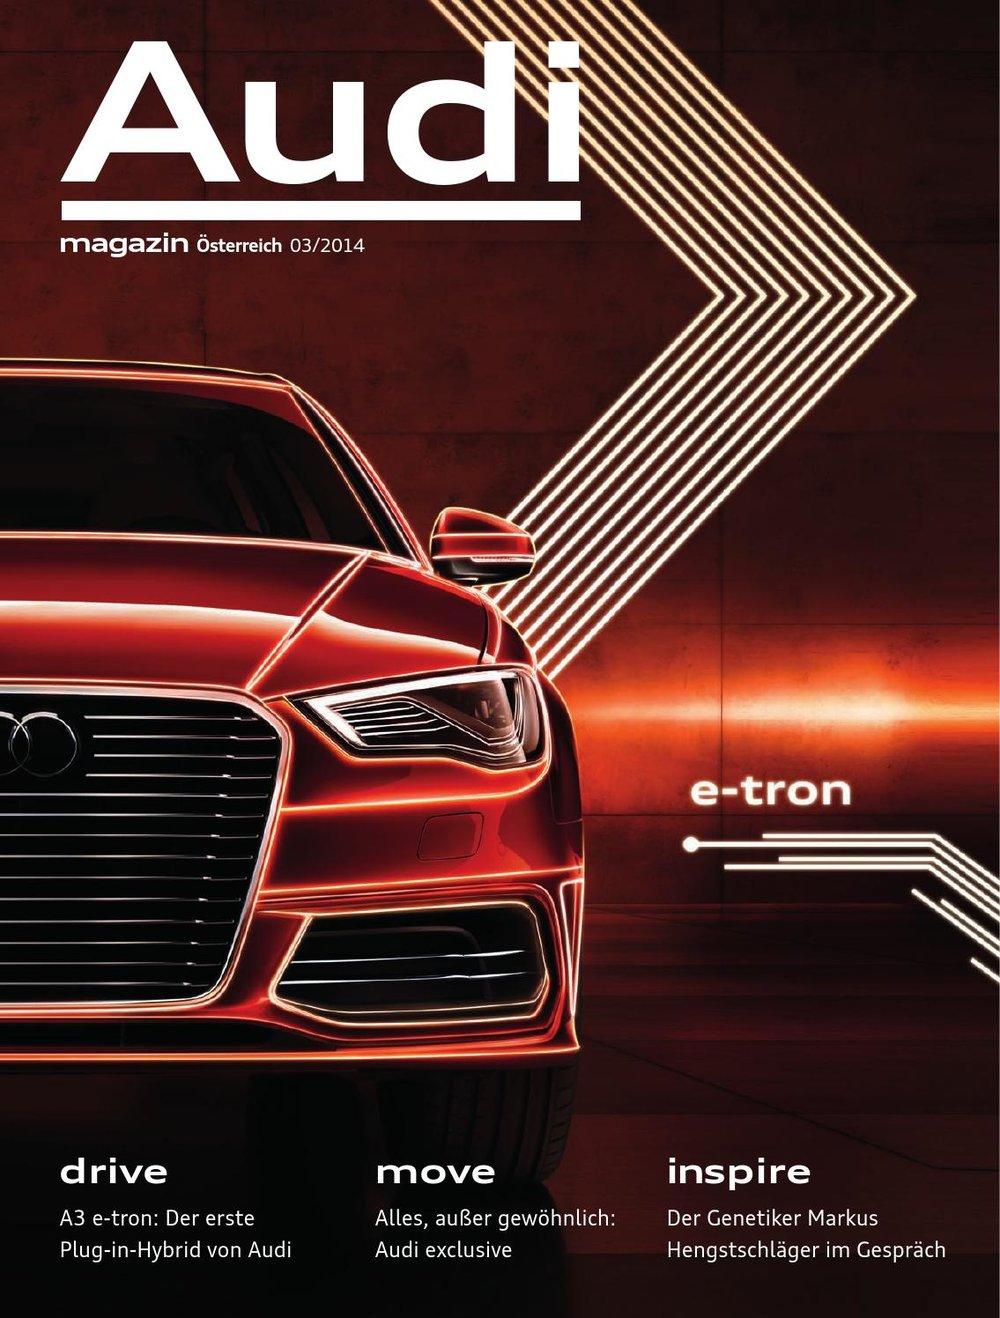 AUDI Magazin - Das Kundenmagazin von Audi für alle Neuwagenkäufer in drei Spachausgaben